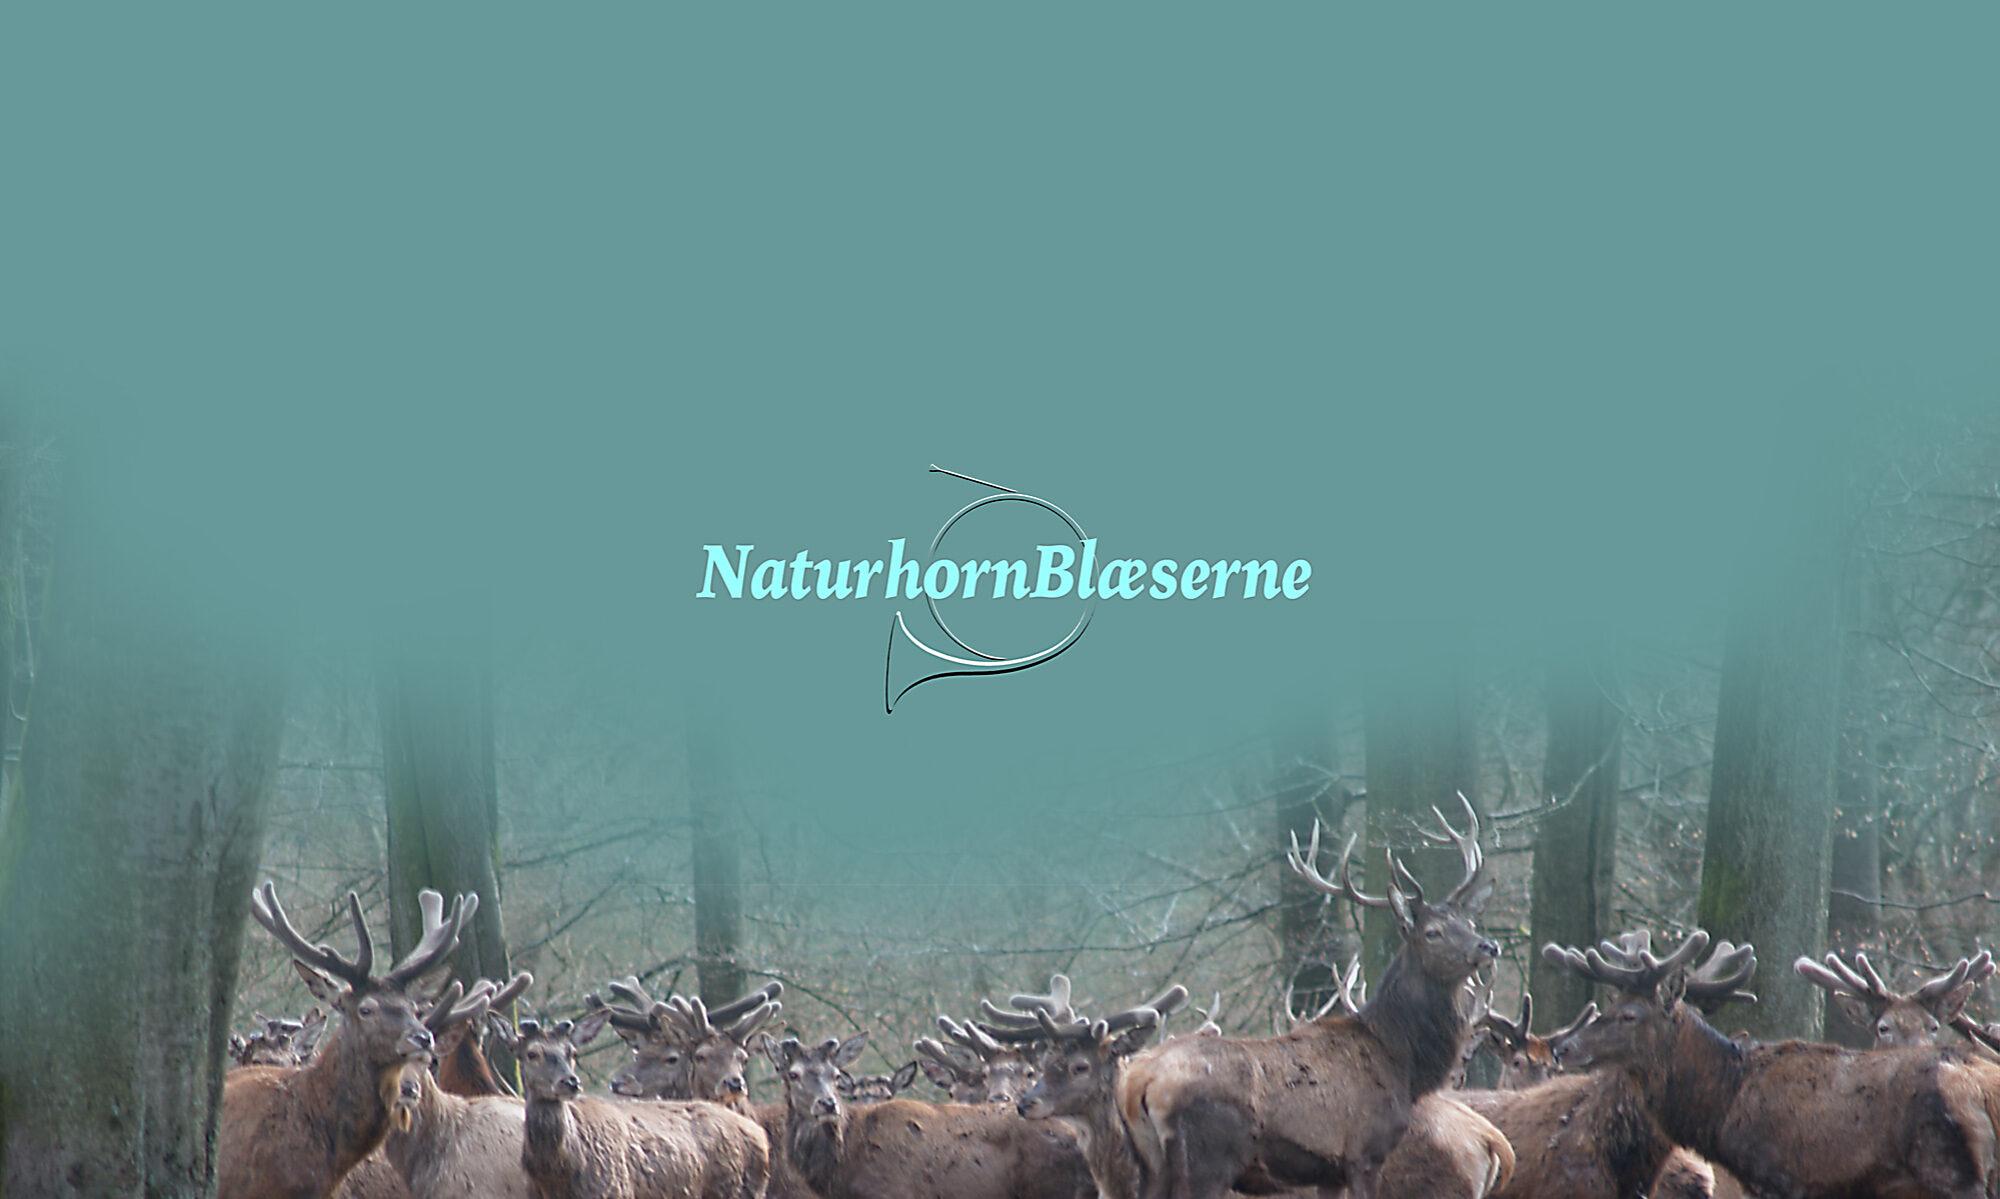 NaturhornBlæserne